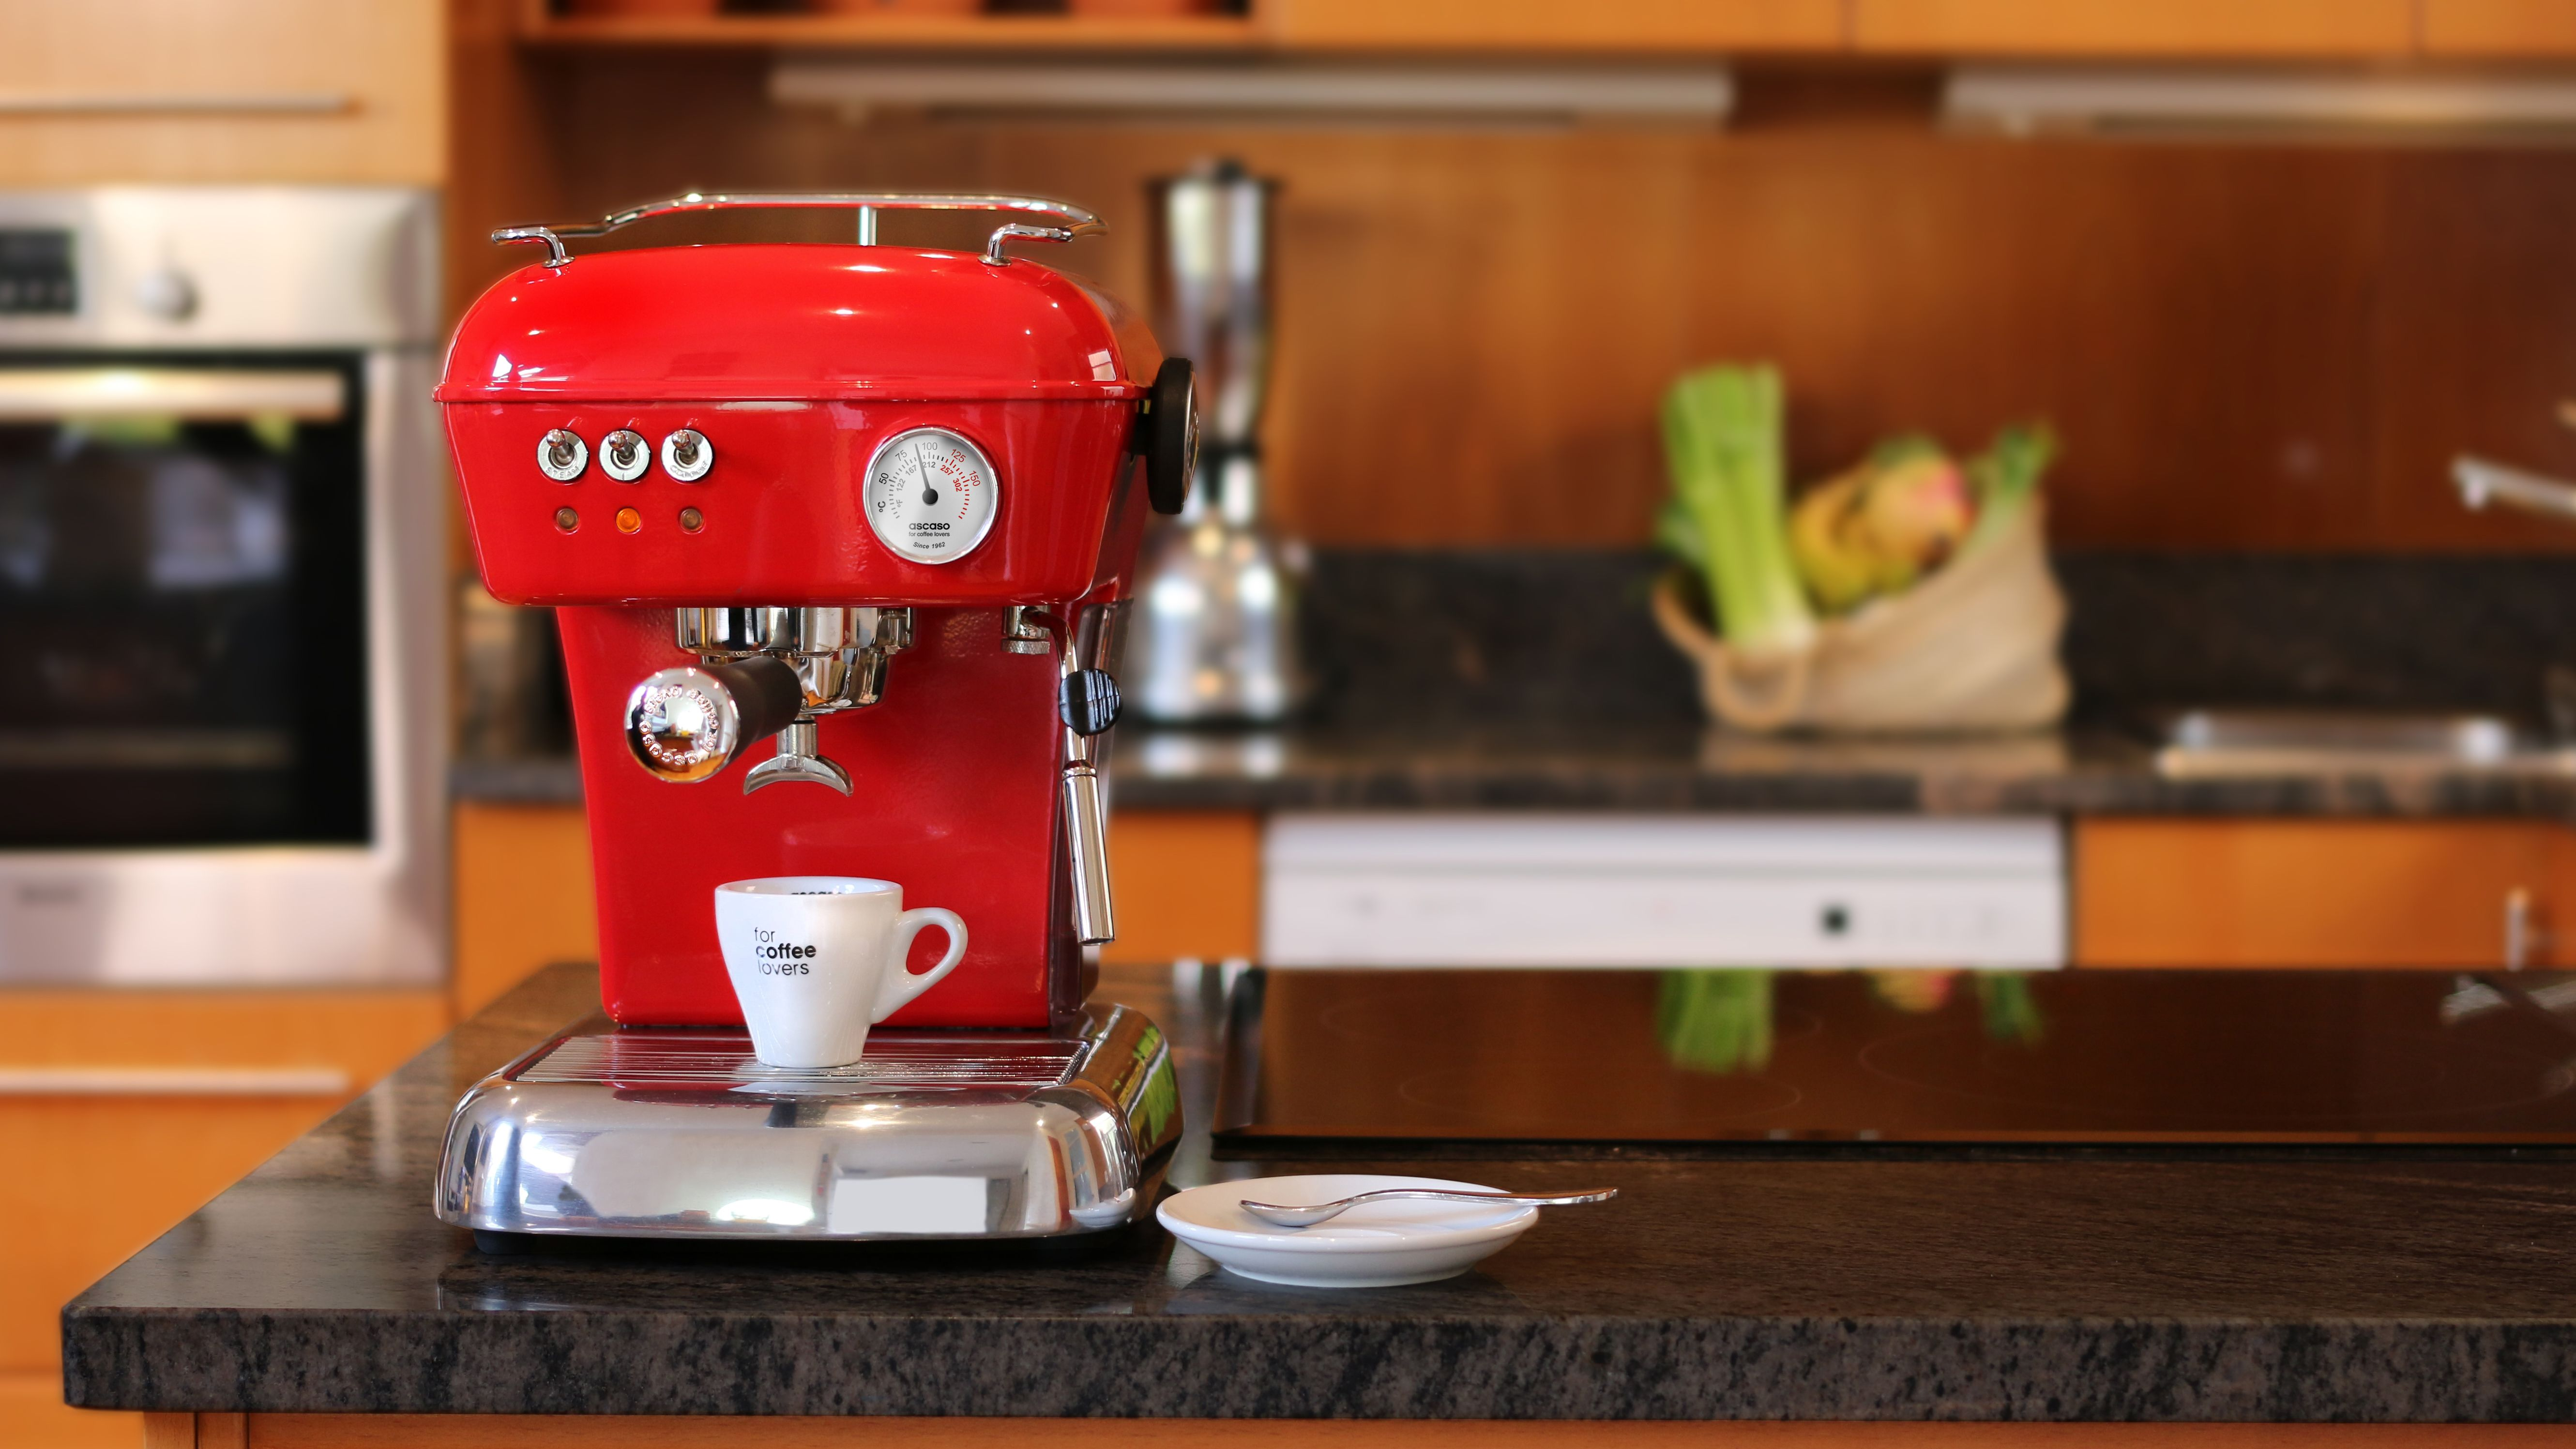 Ascaso Dream Up V3 0 Espresso Machine Espresso Machine Espresso Ascaso Dream Espresso Machine